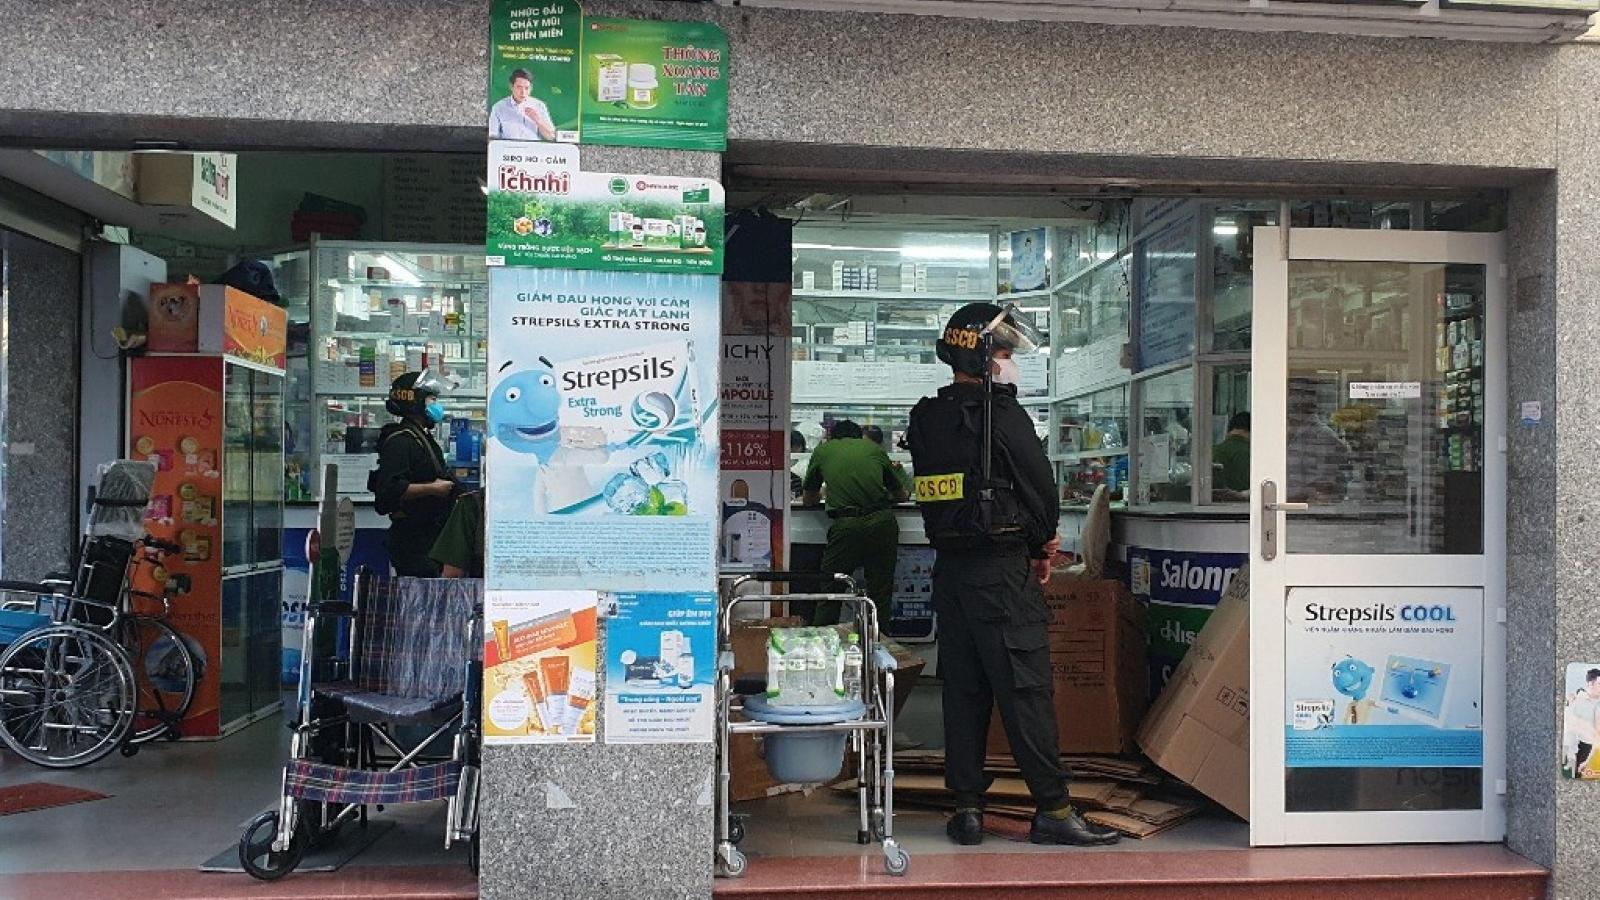 """Nóng 24h: Giá trị """"khủng"""" số thuốc lậu bị công an tỉnh Đồng Nai bắt giữ"""